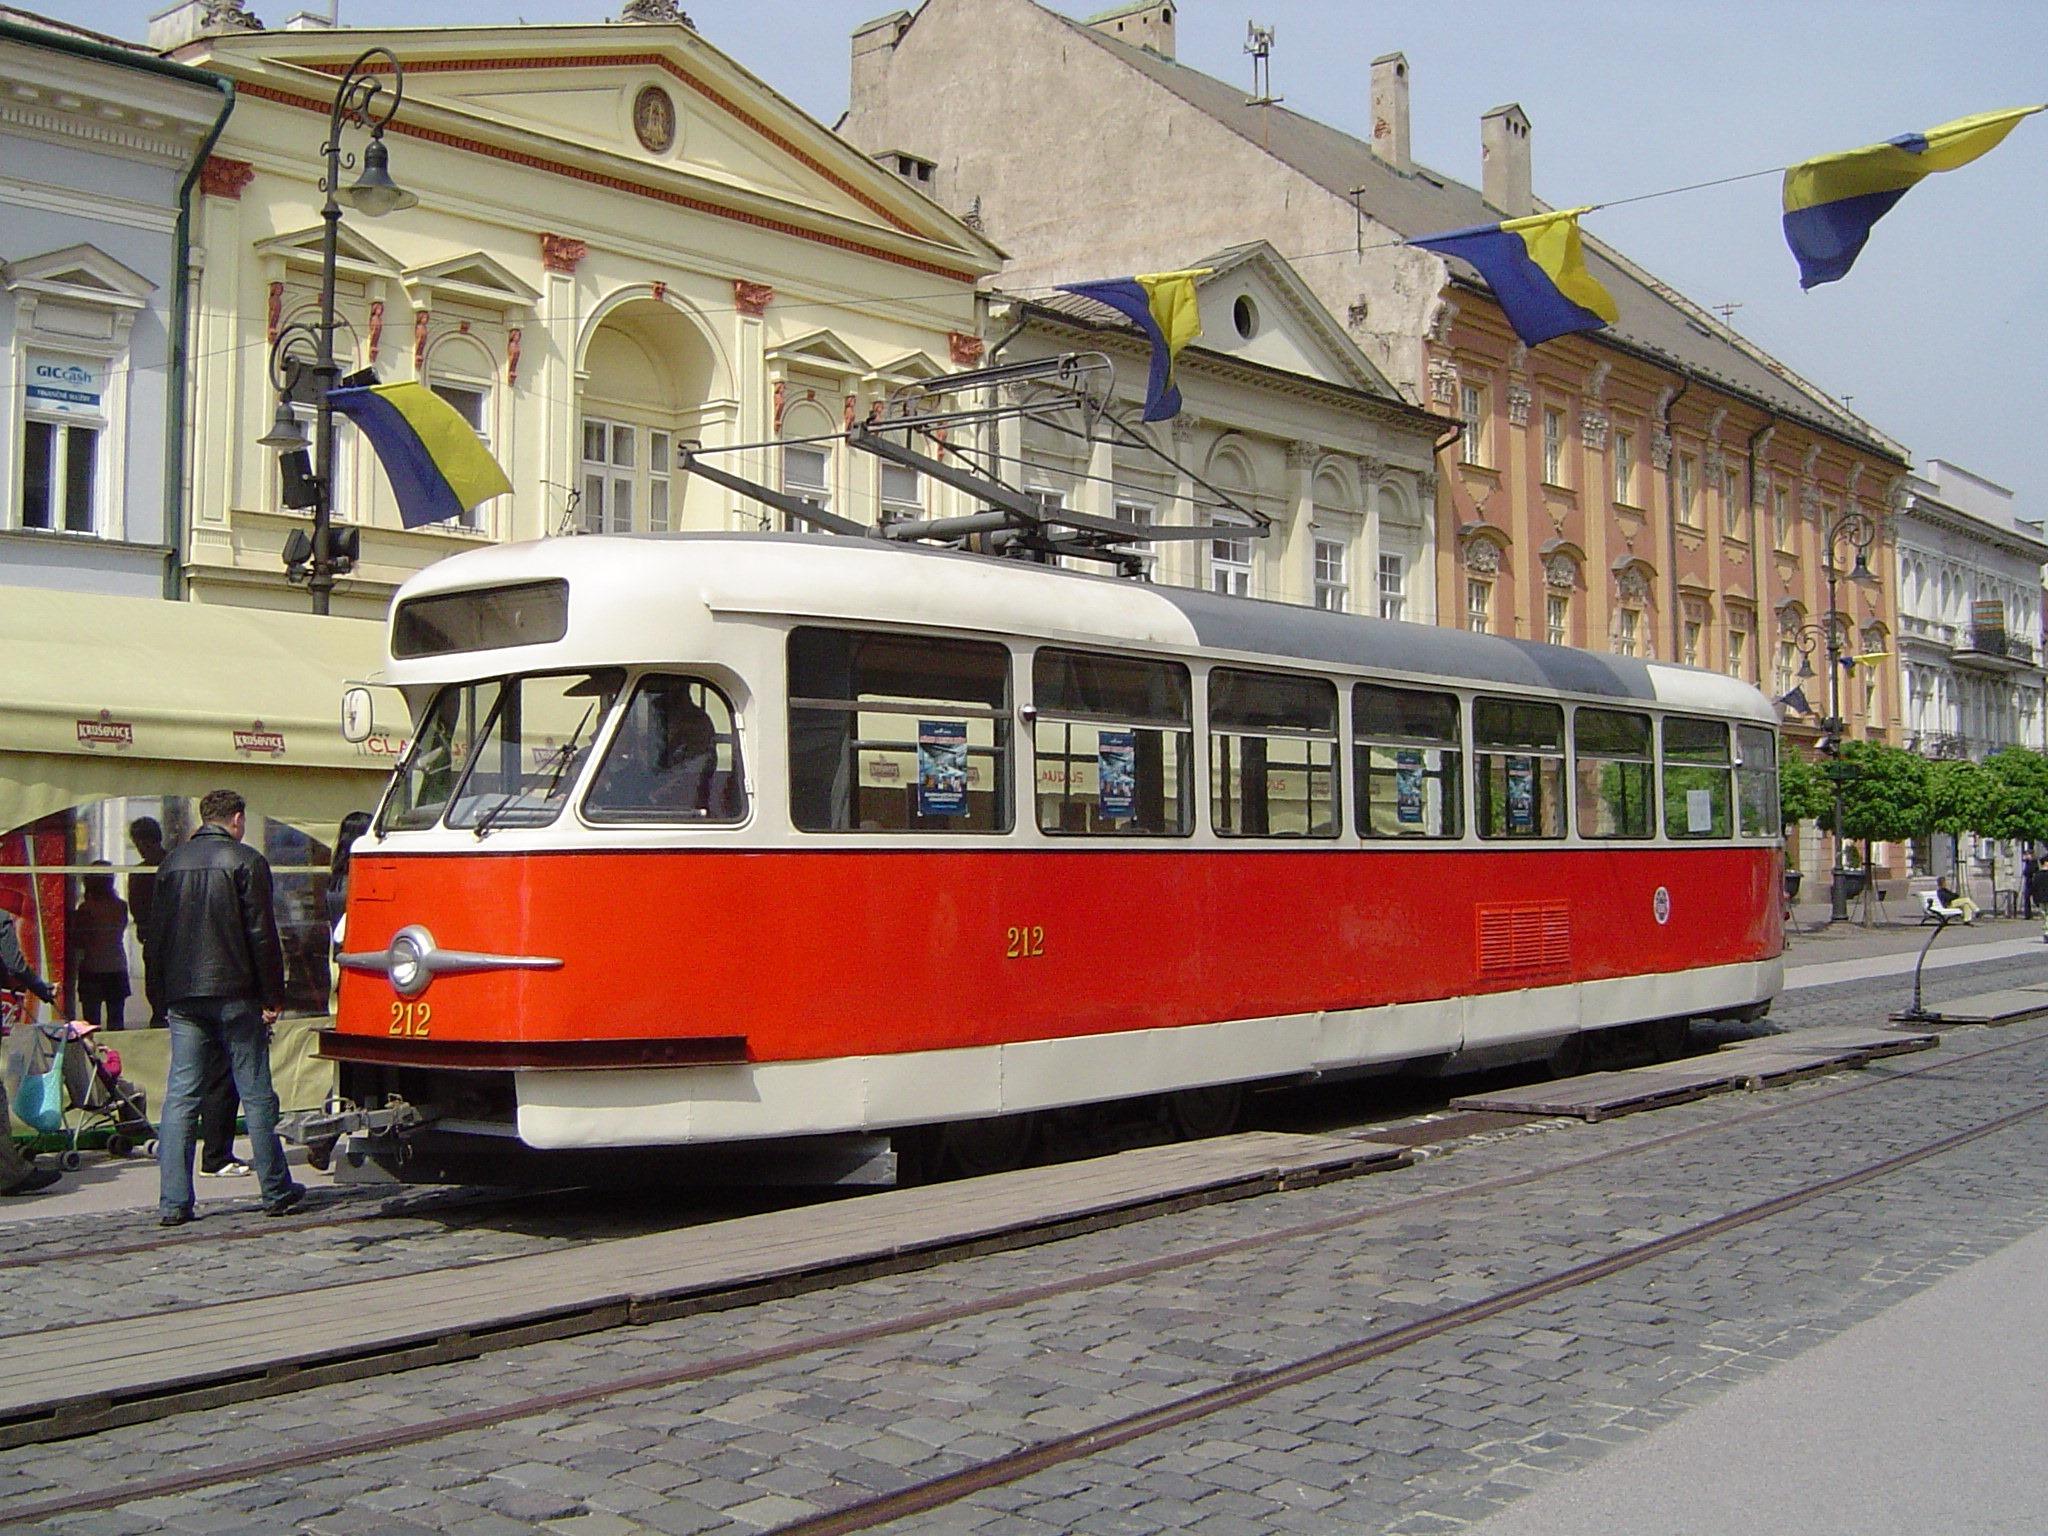 Už v roce 1983 byl vyčleněn jako historický vůz T2 ev. č. 234. Jeho stav se ale v důsledku dlouhodobého odstavení na venkovní ploše zhoršil do té míry, že jej již prakticky nebylo možné opravit. Posloužil tak alespoň jako zdroj některých náhradních dílů pro historický vůz ev. č. 212, který vznikl úpravou ostravského vozu T2 ev. č. 619. (foto: František Šimčák)